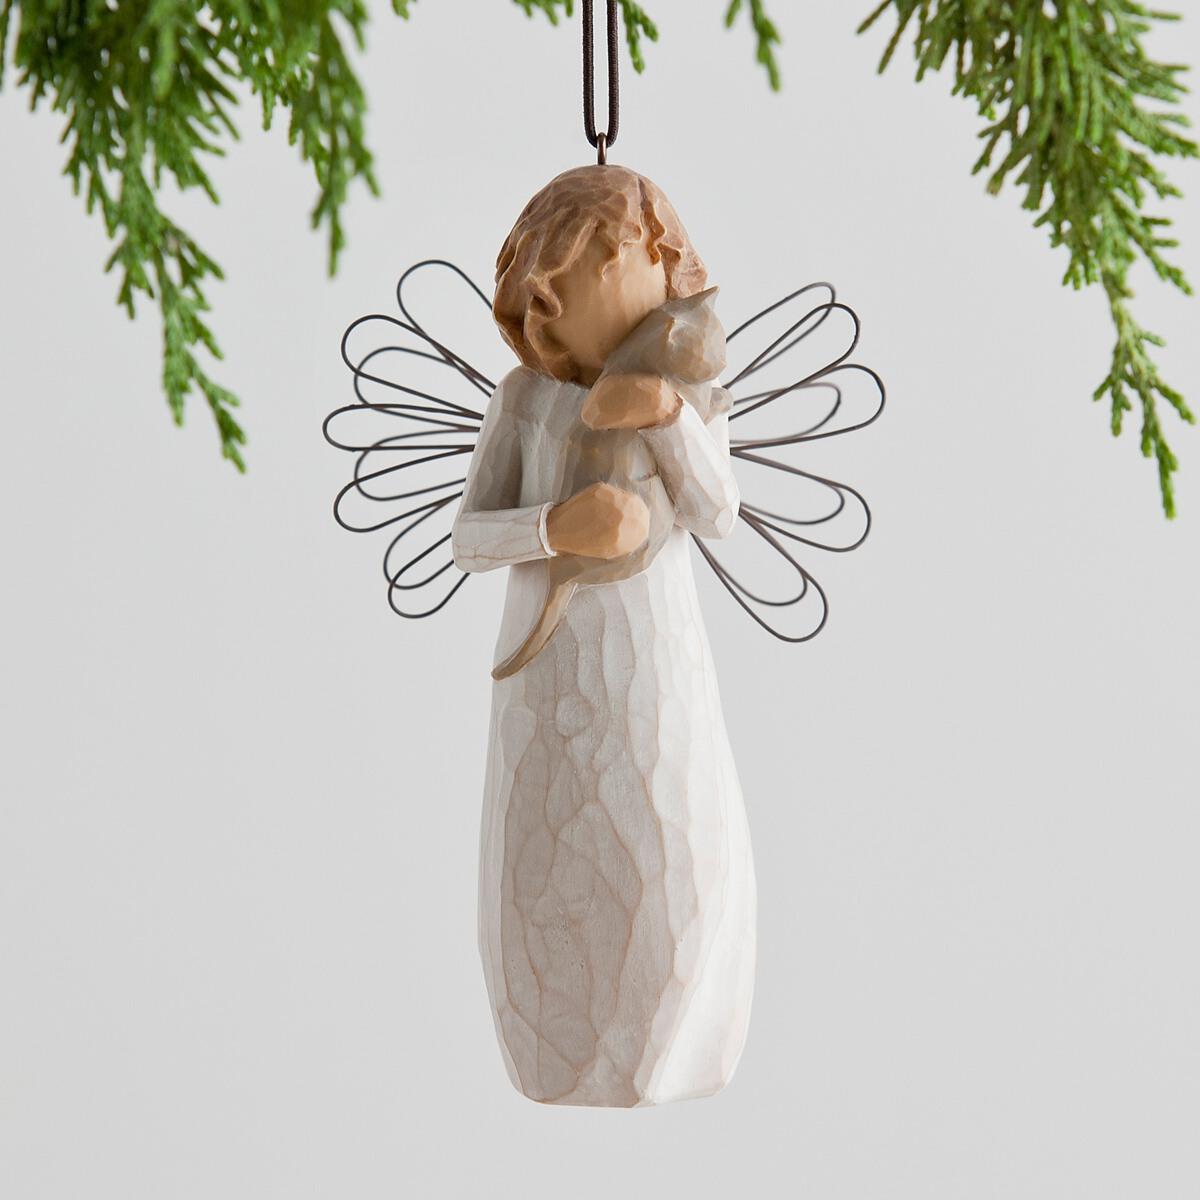 あなたと友達でよかった - まごころが伝わるやさしい贈り物です プレゼント ギフトに コレクションも 誕生日 ウィローツリーオーナメント 愛をこめて 猫 Tree 大人向け インテリア雑貨 豪華な おしゃれな置物 新品未使用 人形 With 正規輸入品 affection フィギュア Willow